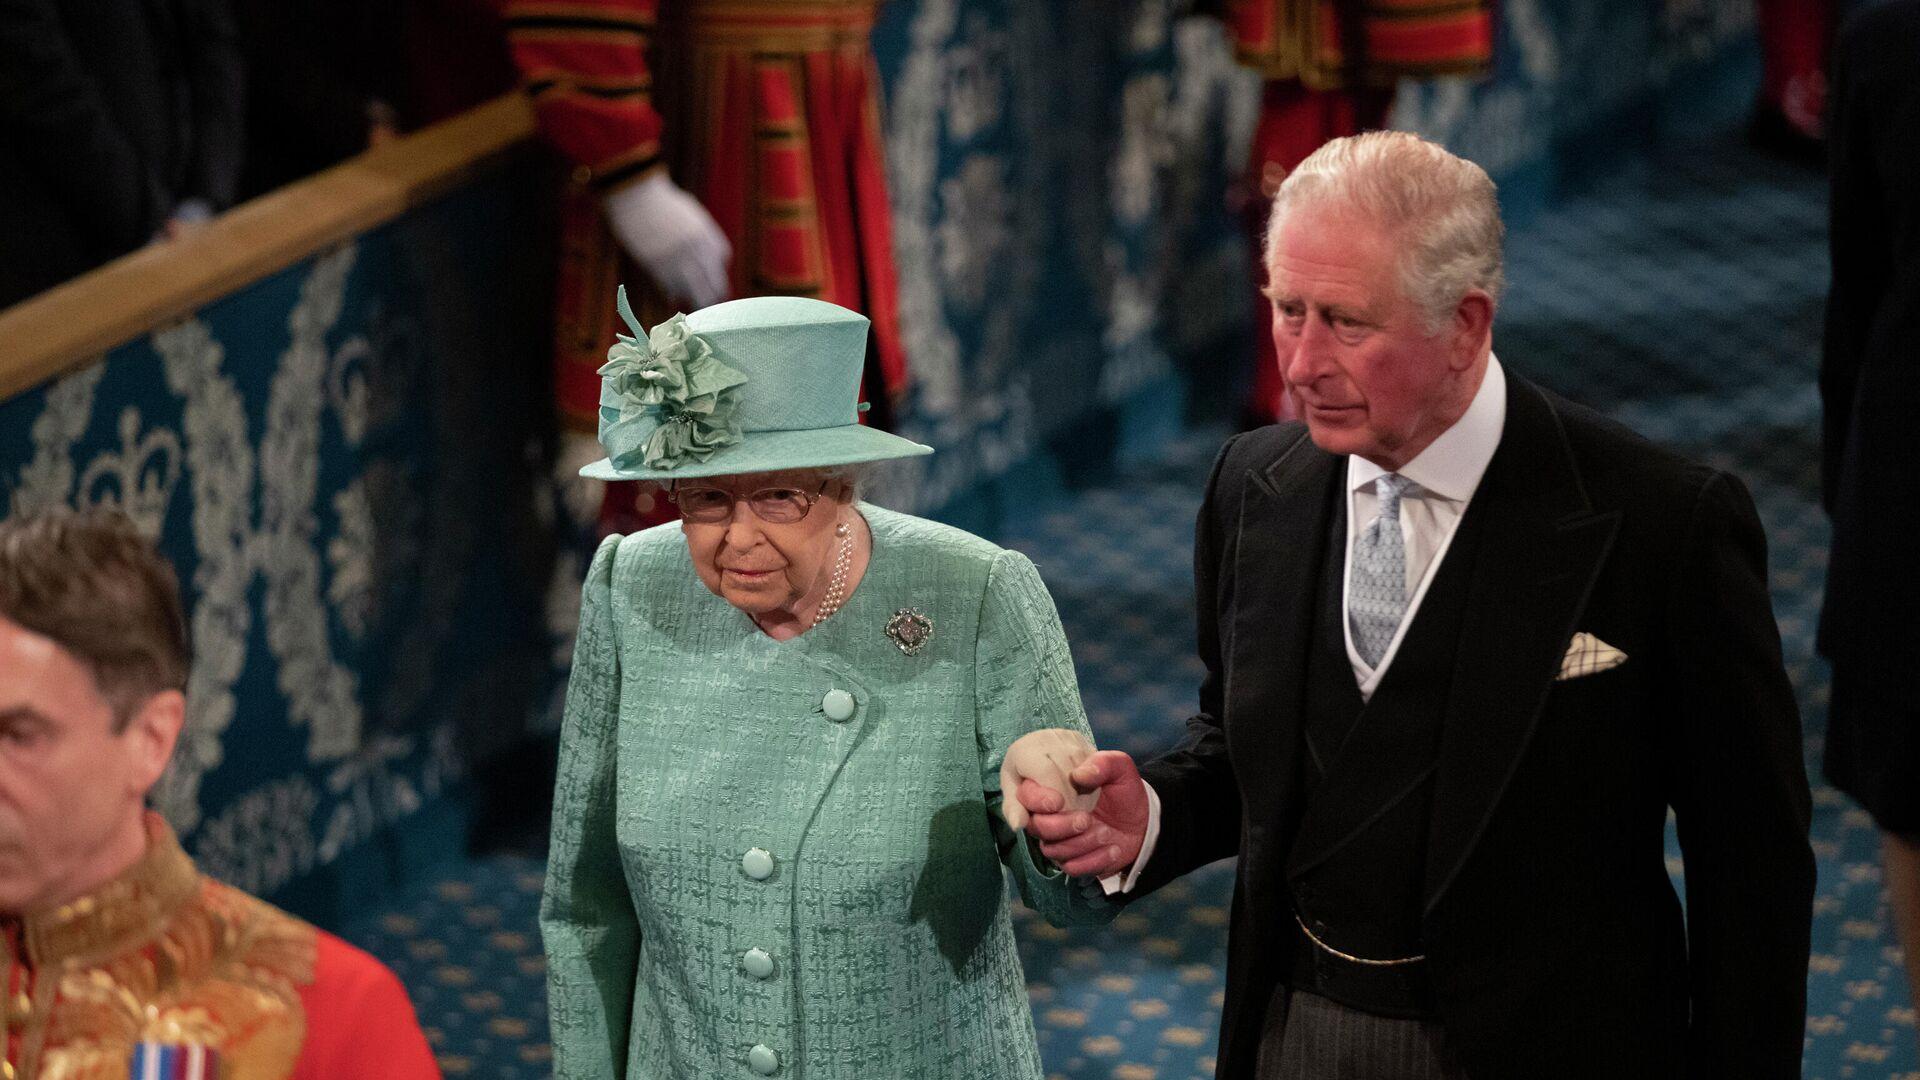 Isabel II, reina británica, y su hijo, el príncipe Carlos - Sputnik Mundo, 1920, 22.03.2021